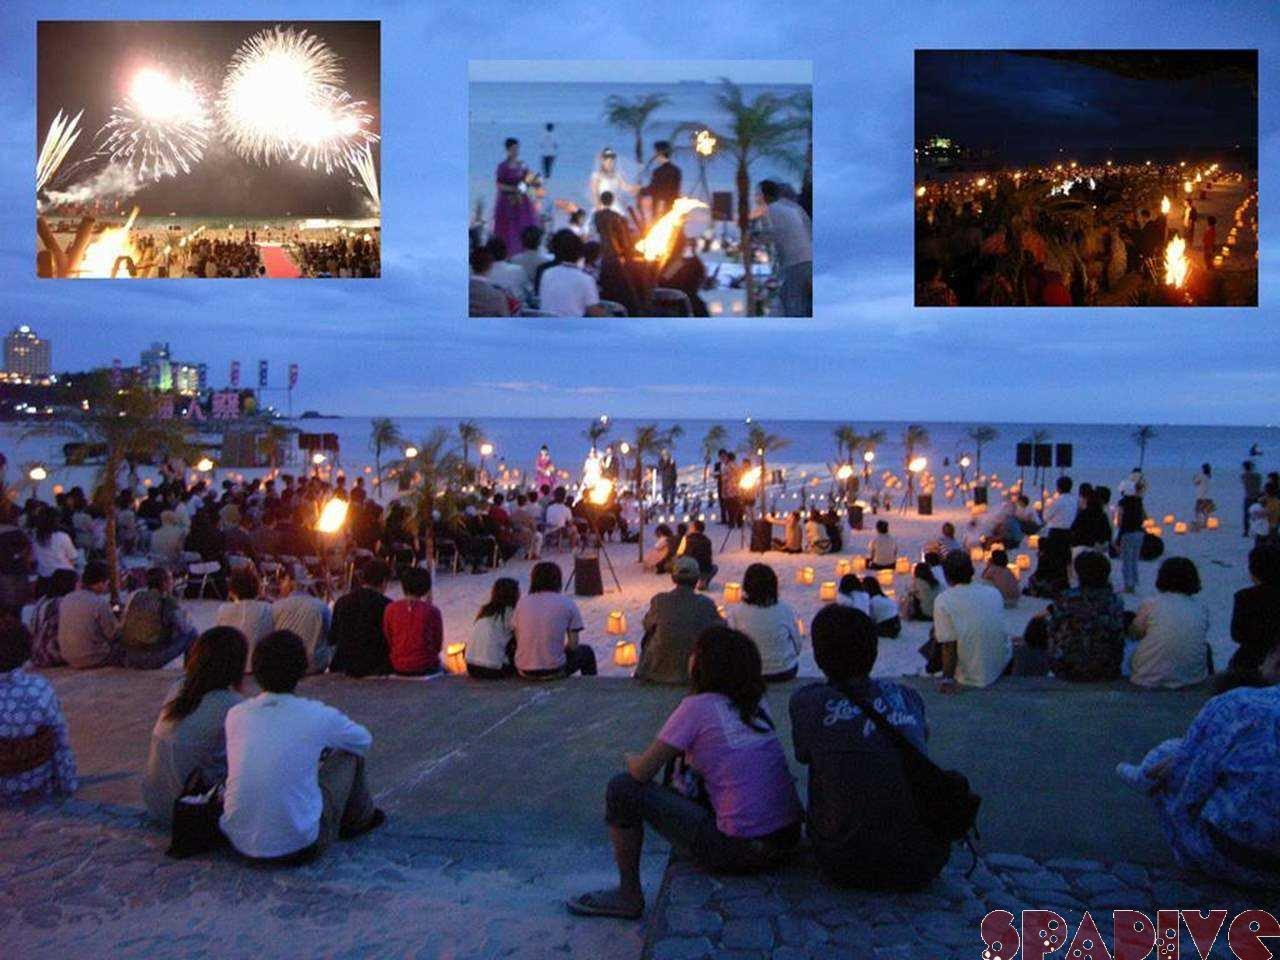 白良浜サンセットウエディング&祝福花火|6/3/2007海人祭-前夜祭